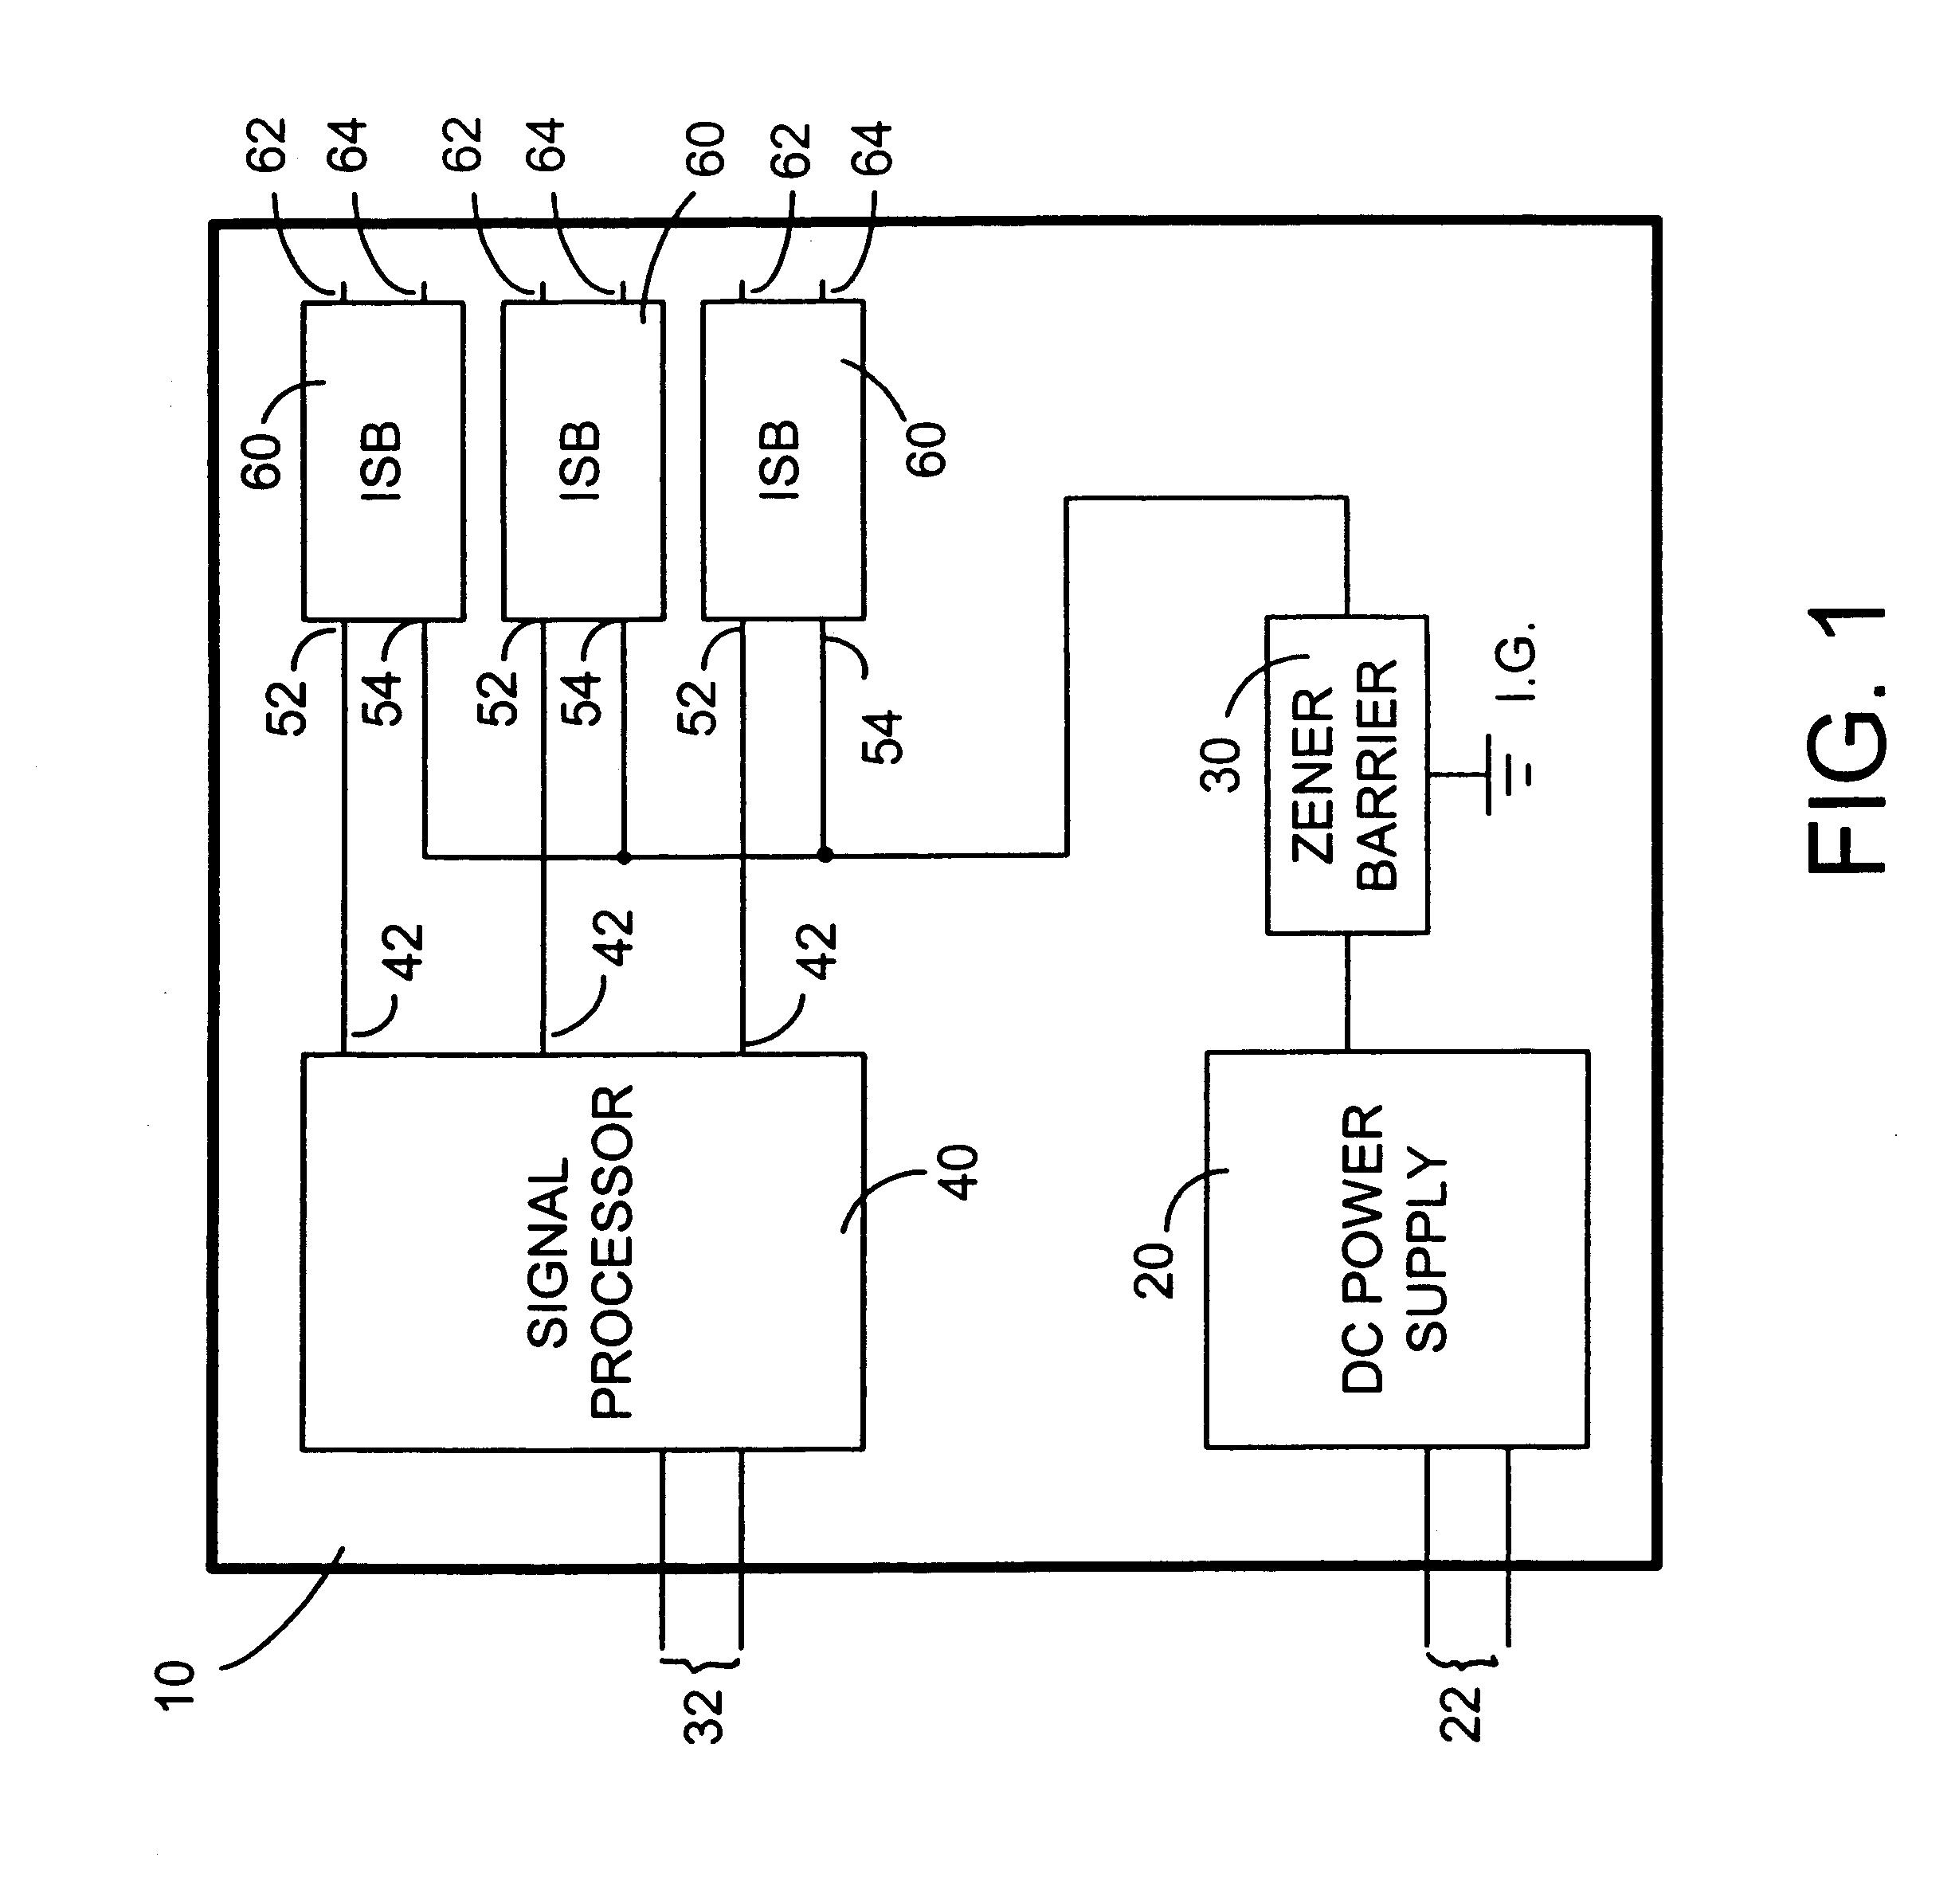 patent us6397322